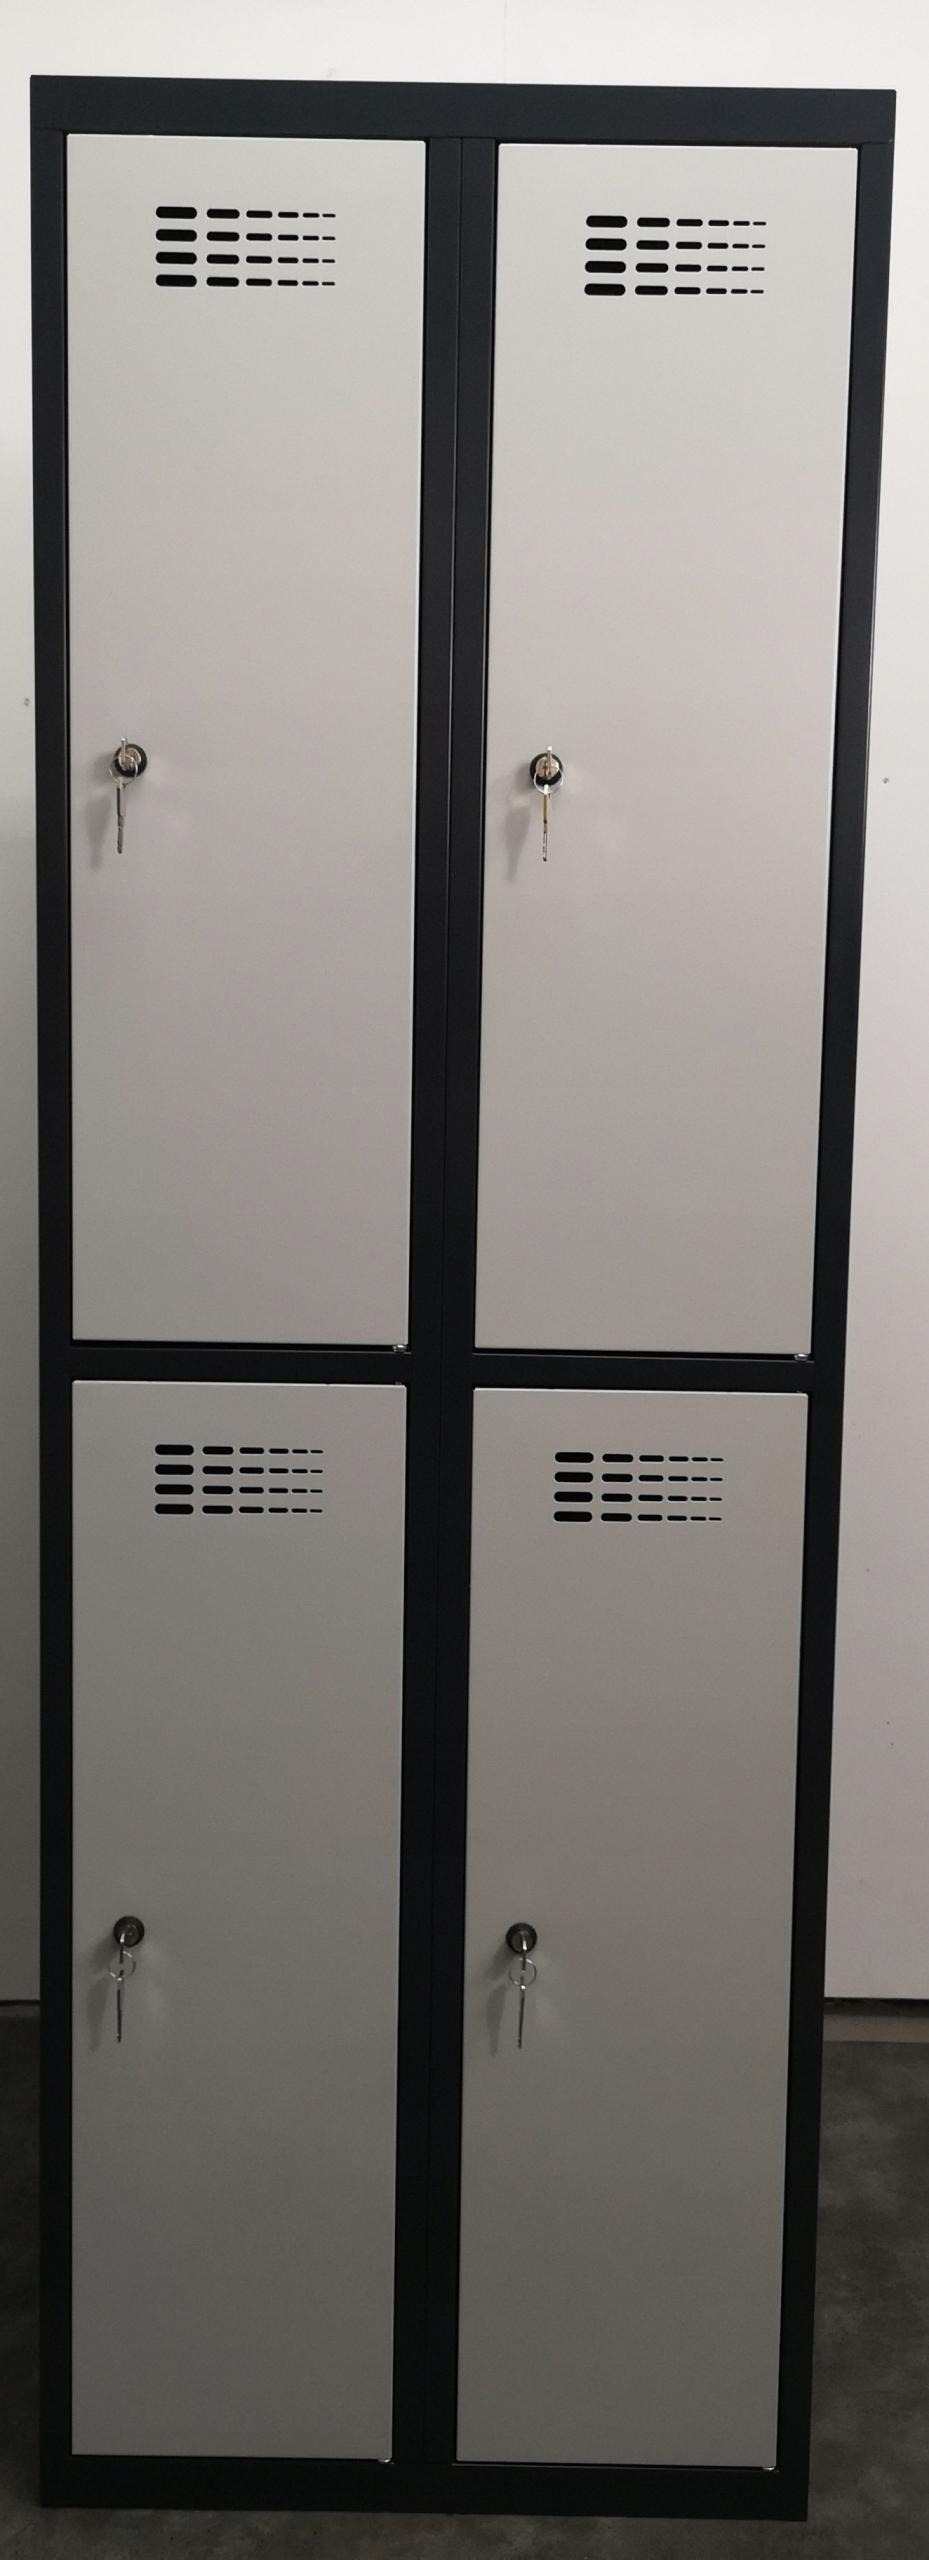 Гардероб, сейф, шкафчик, 4 камеры ЦВЕТ